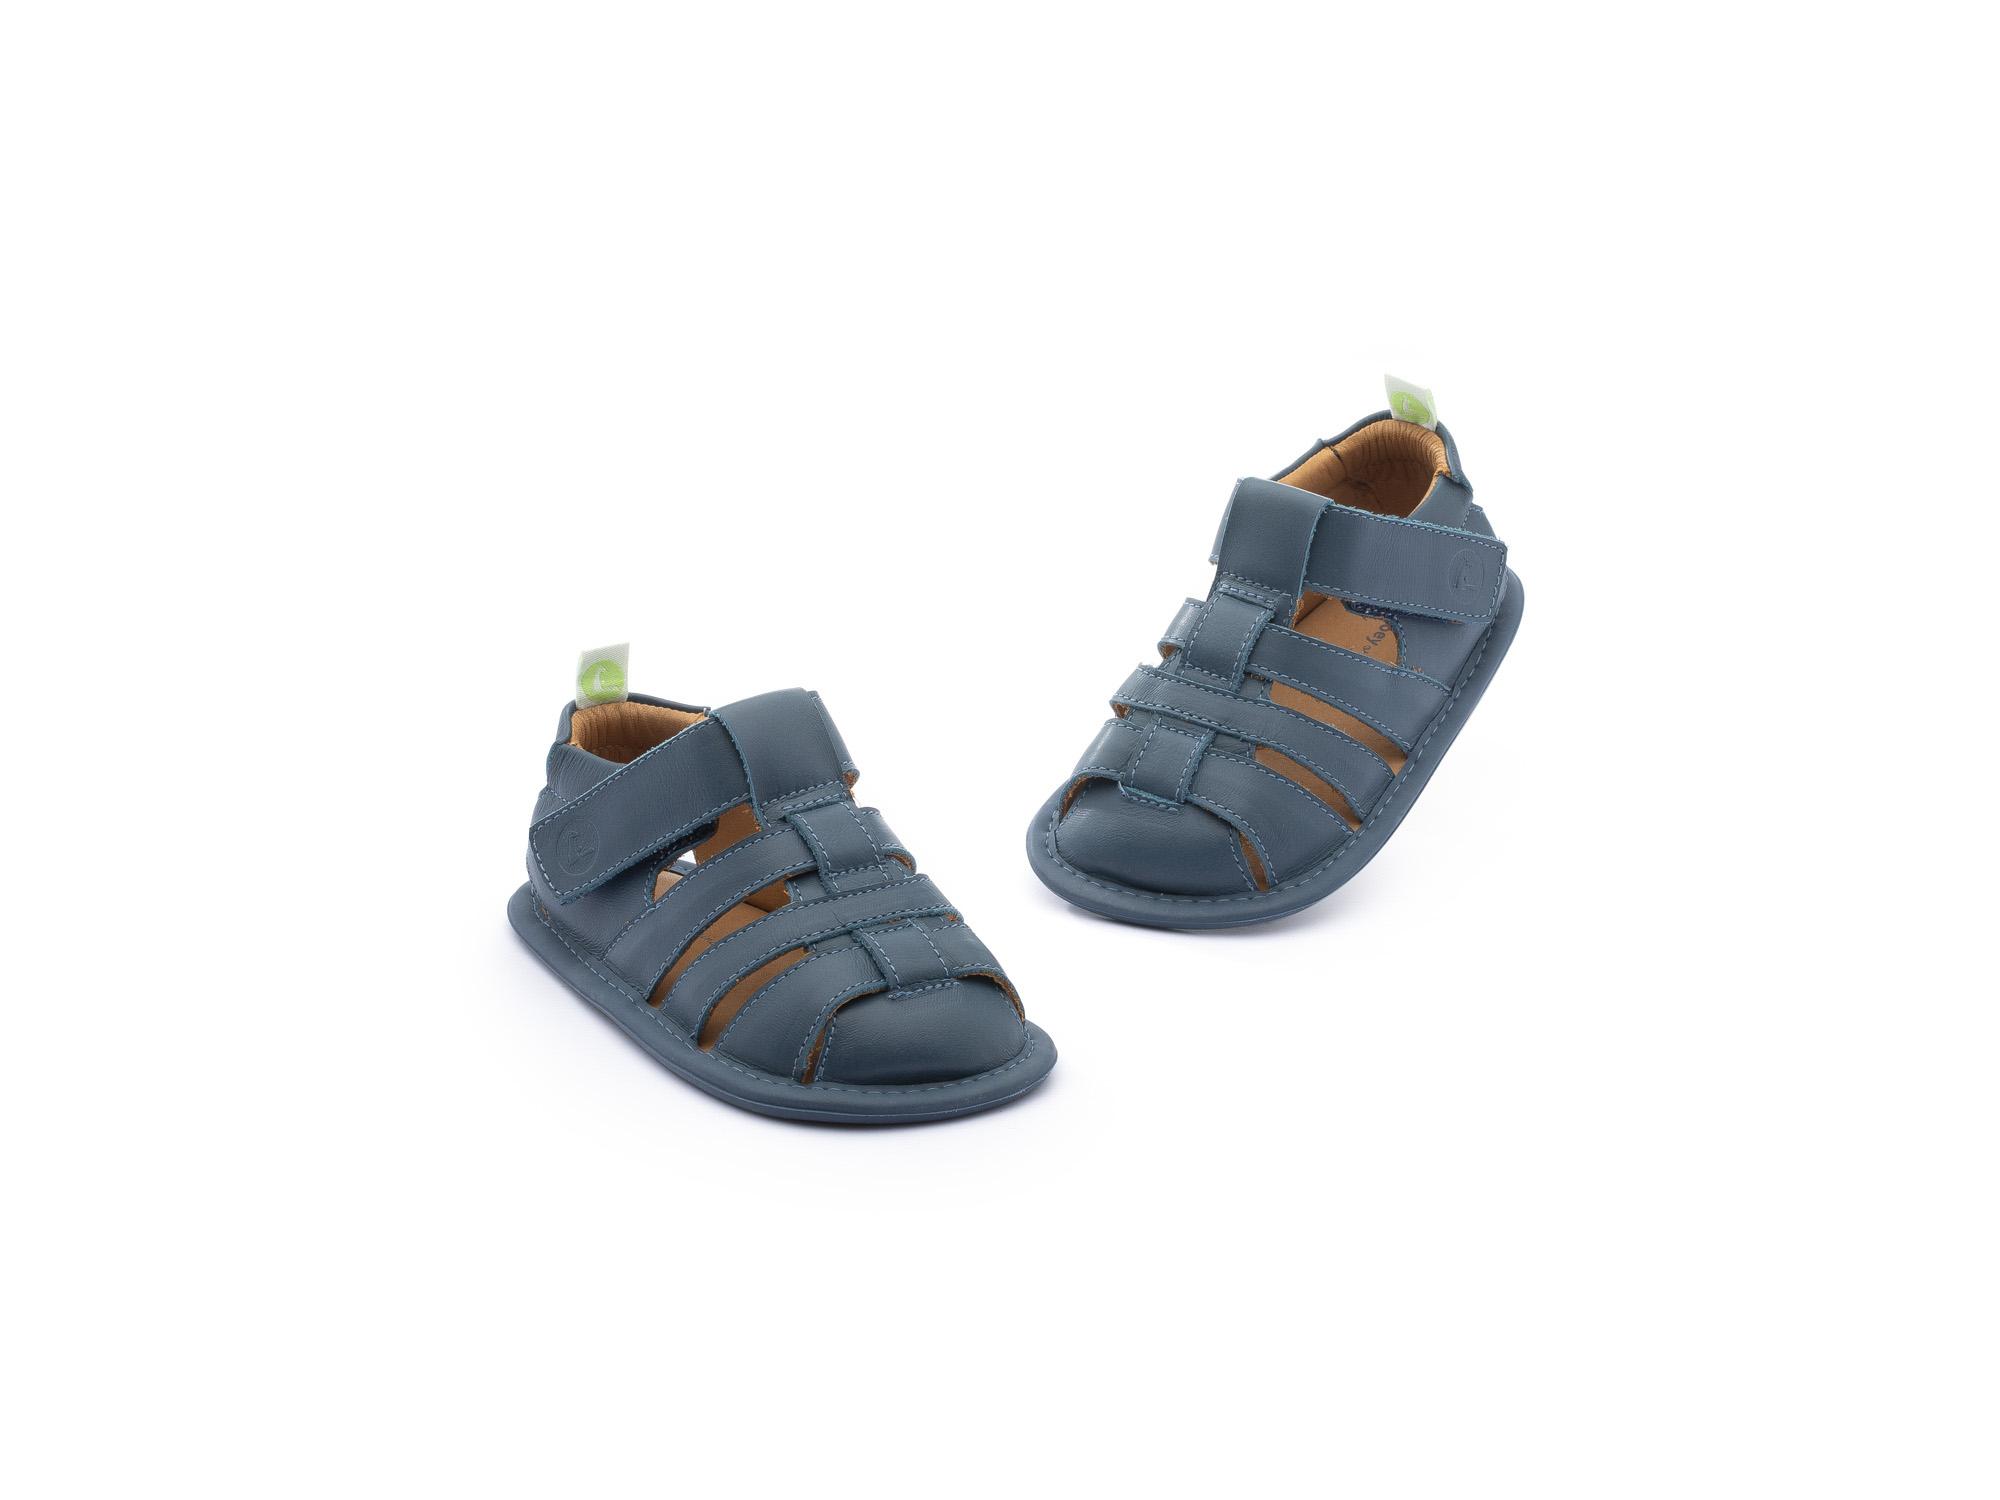 Sandália Sandy Laguna Baby 0 à 2 anos - 3